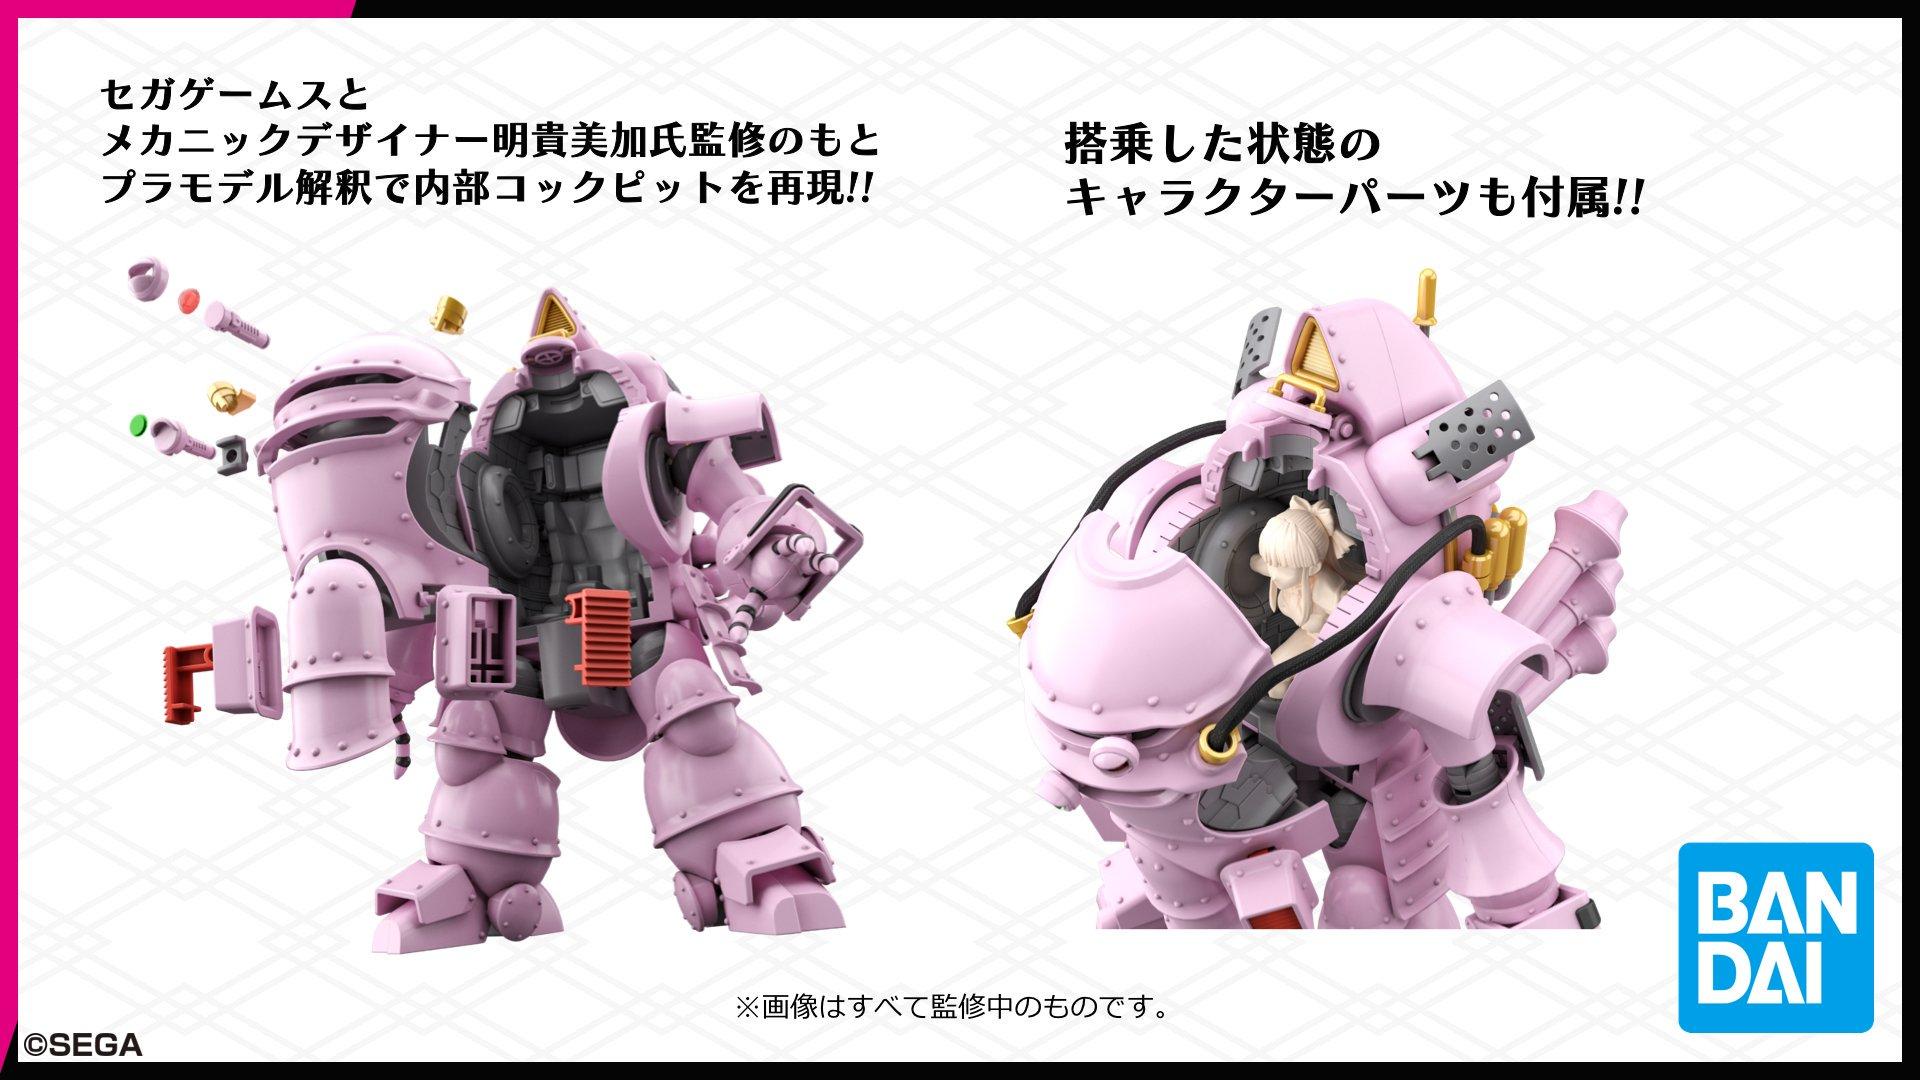 2 17 - 『新サクラ大戦』テレビアニメ化決定! 2020年に放送【TGS2019】